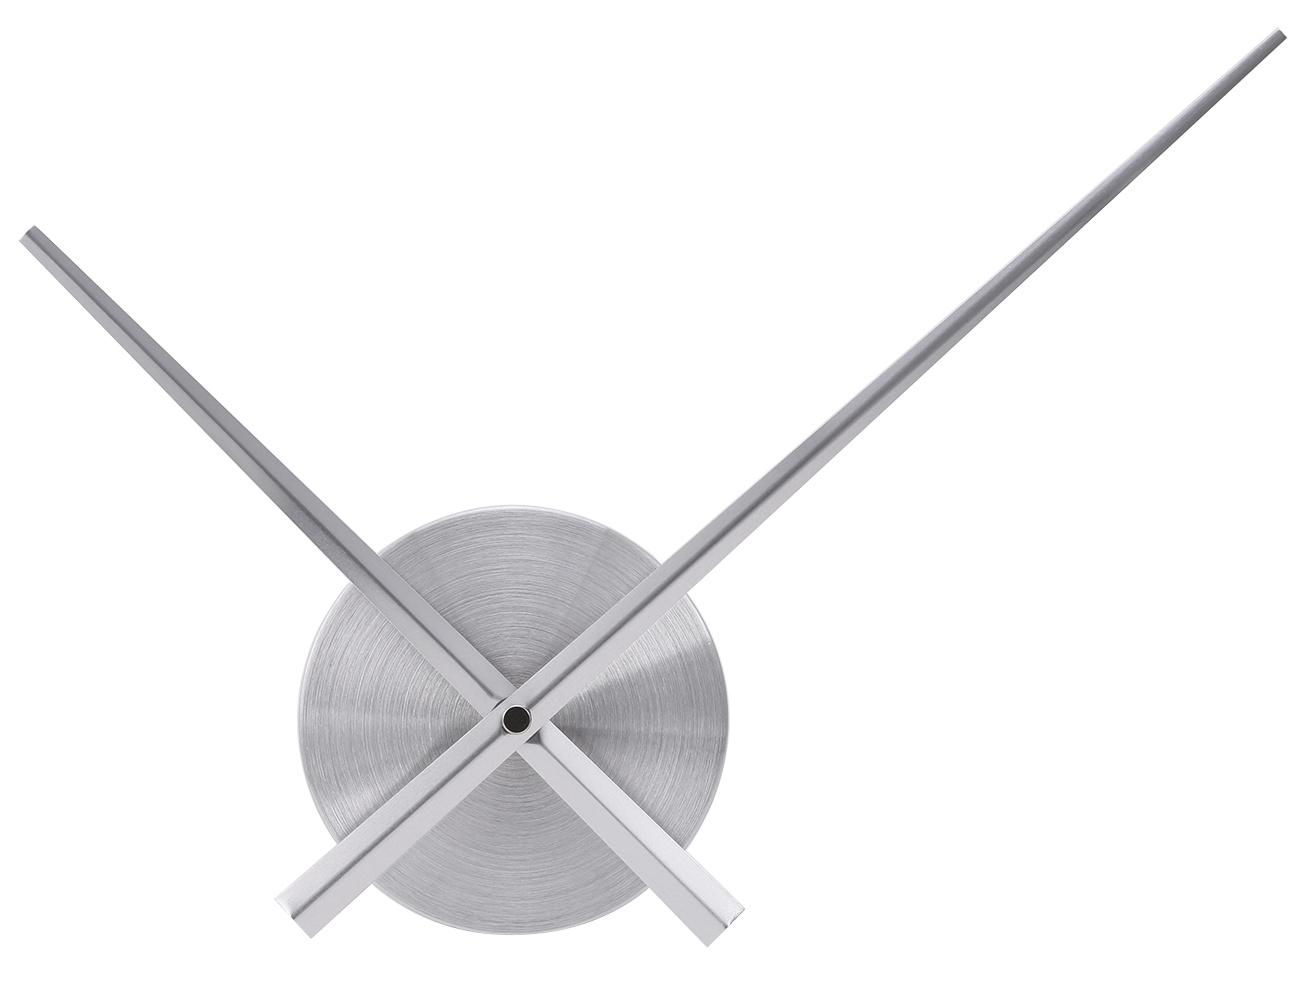 Wanduhr uhrzeiger uhrwerk mit zeiger ersatz metall simple time werkzeug silber ebay - Zeiger wanduhr ...